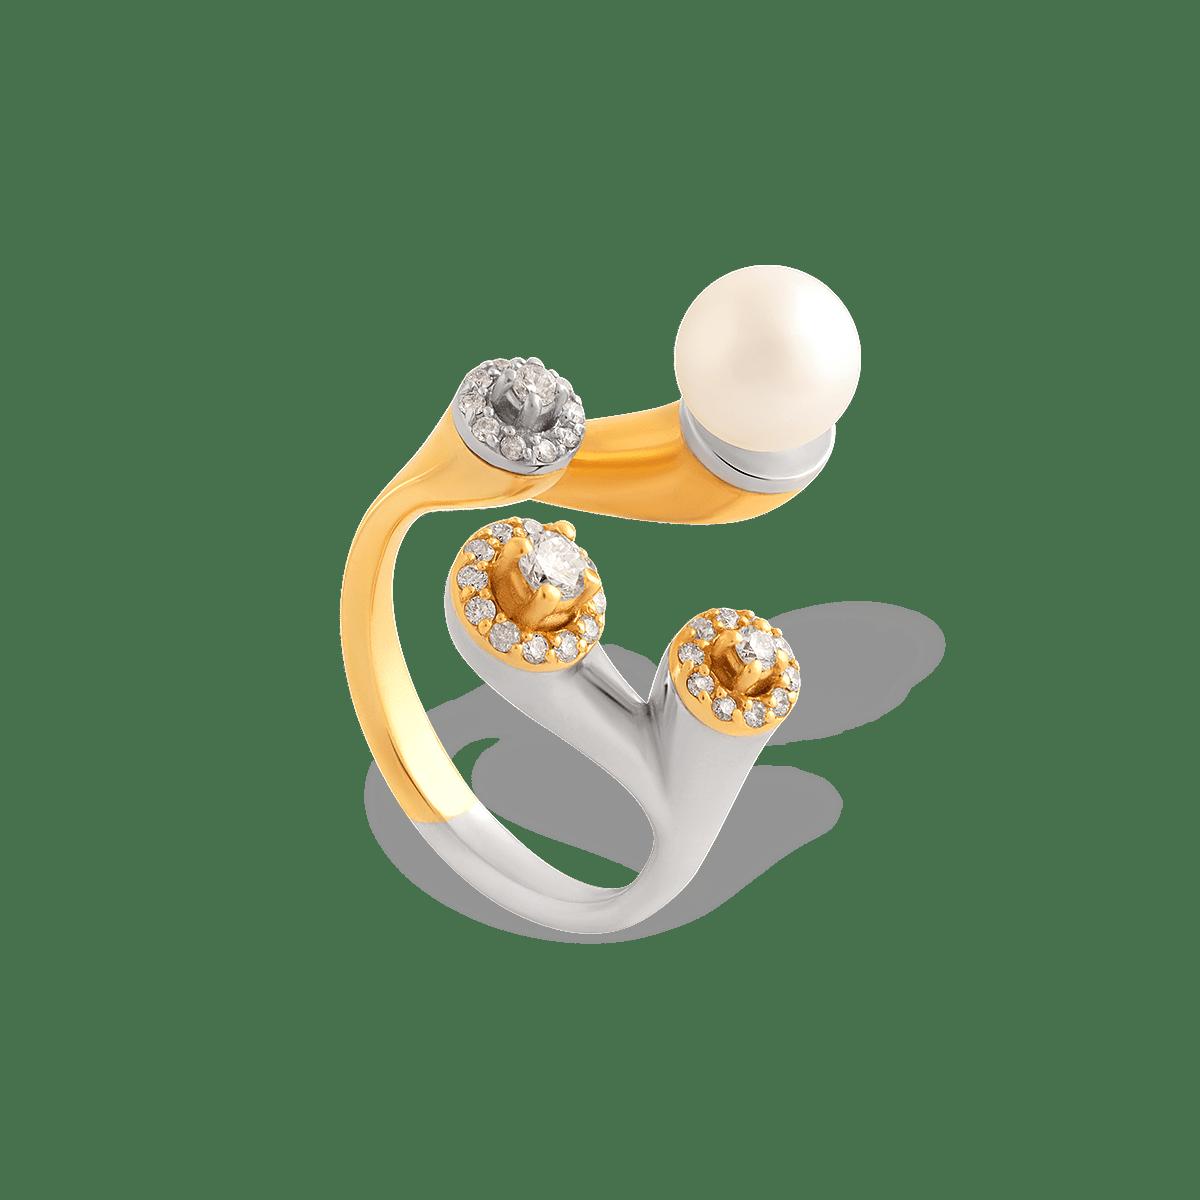 انگشتر طلا برلیان و مروارید